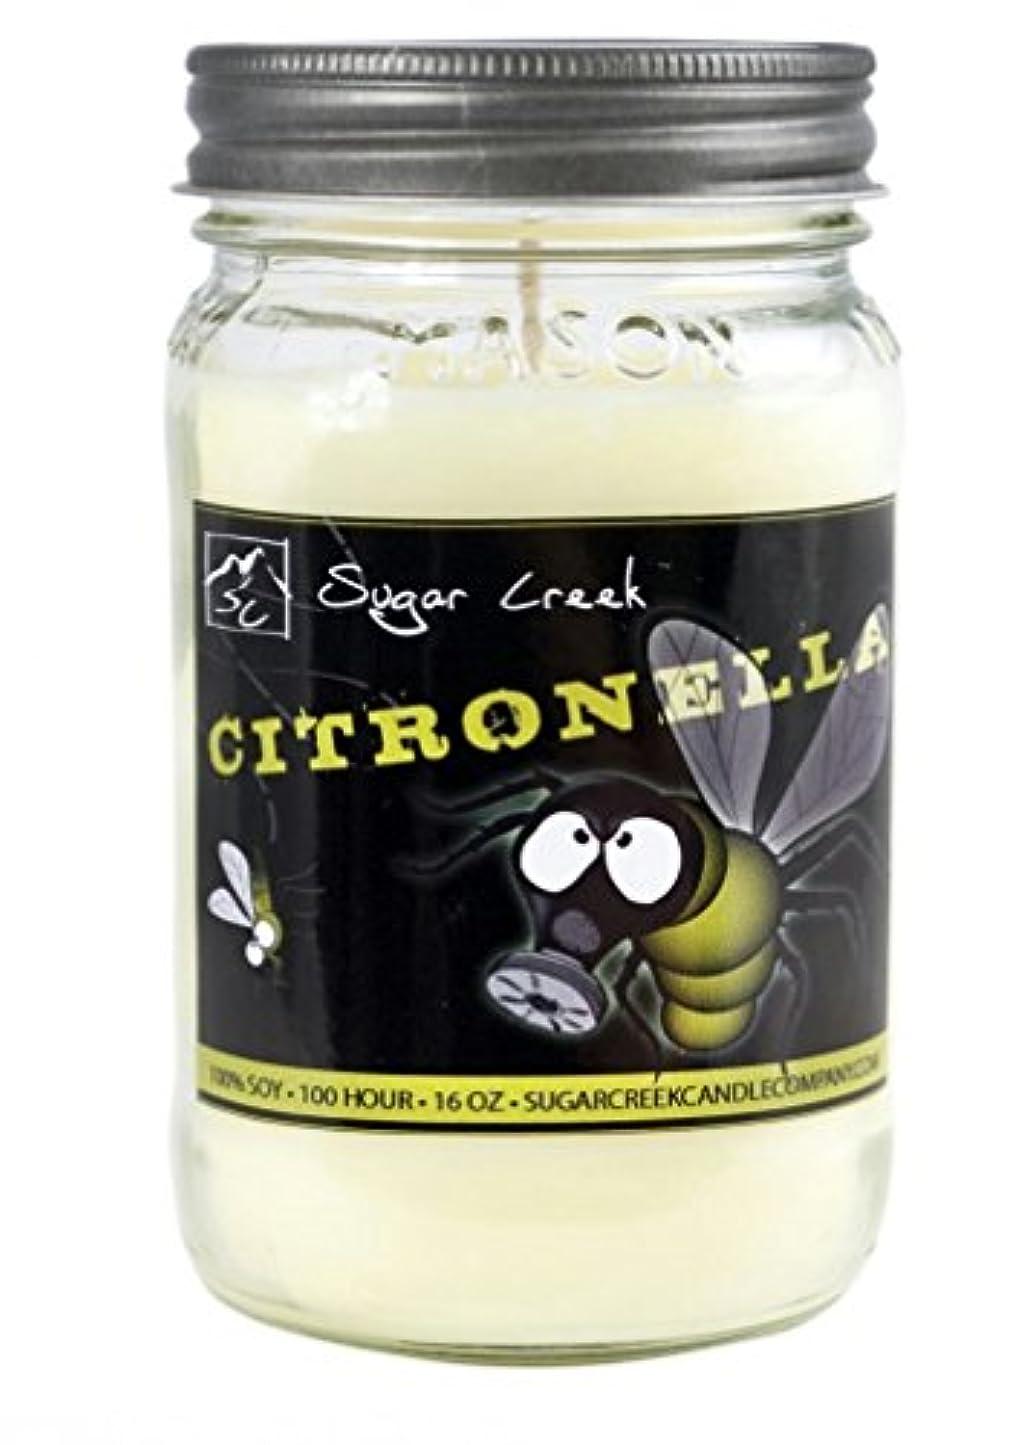 部純粋に論理的にシトロネラ( Dont Bug Me 。 )香り大豆ワックス16オンスCandle。アロマセラピー大豆キャンドルBurn Cleaner ~ Longer ~非毒性~ 100 % Made in USA。 – Sugar...